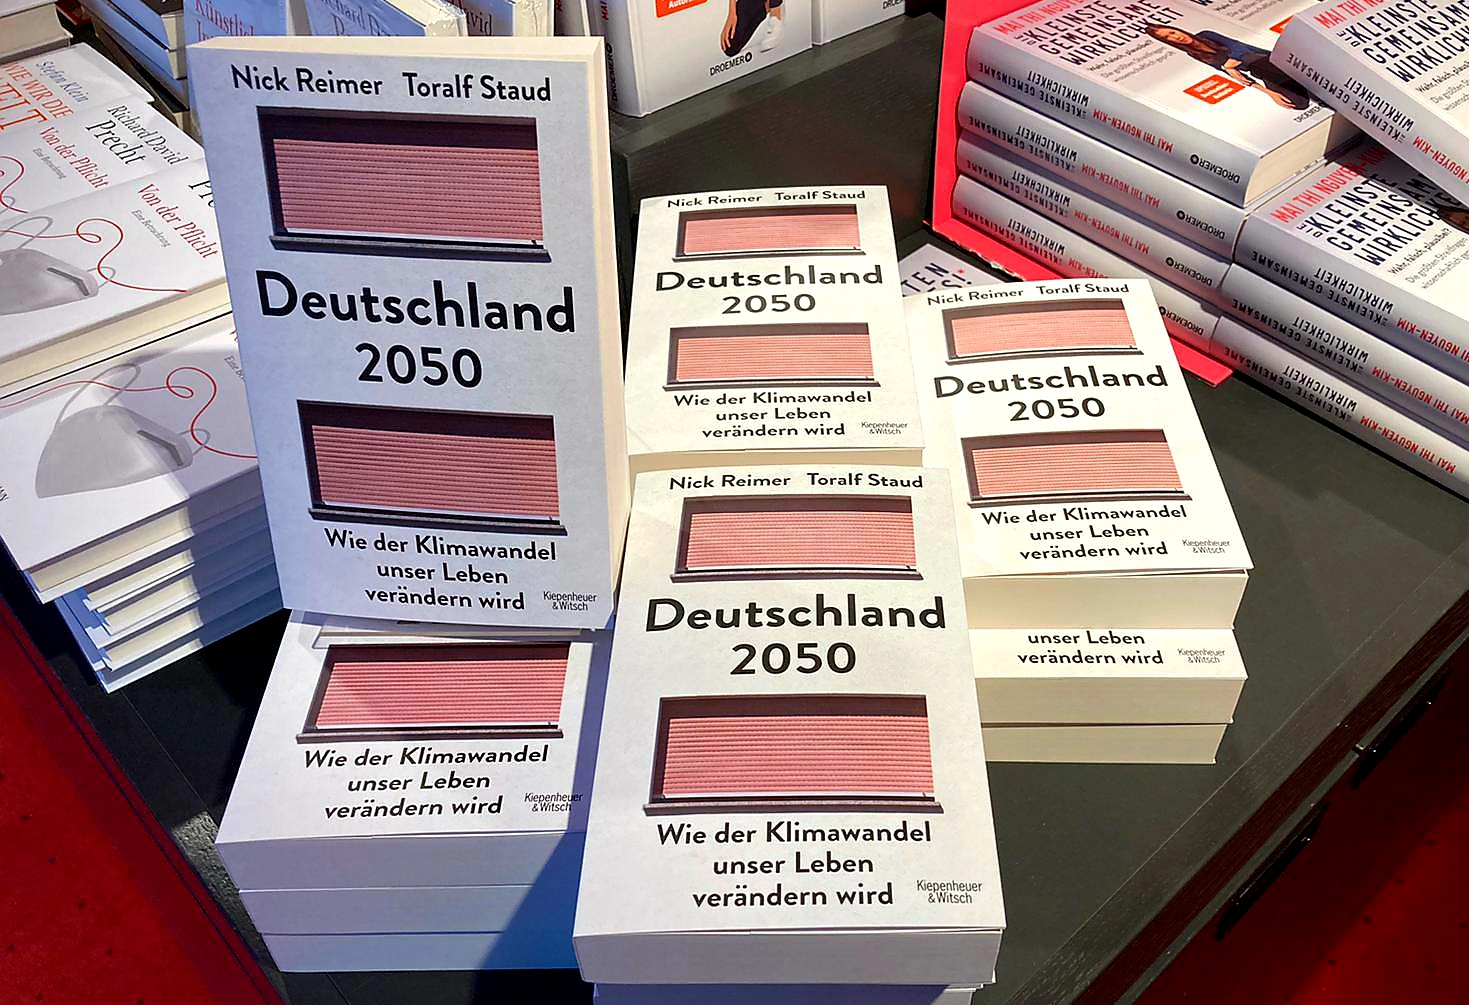 Buecher Deutschland 2050 - Wie der Klimawandel unser Leben veraendern wird.